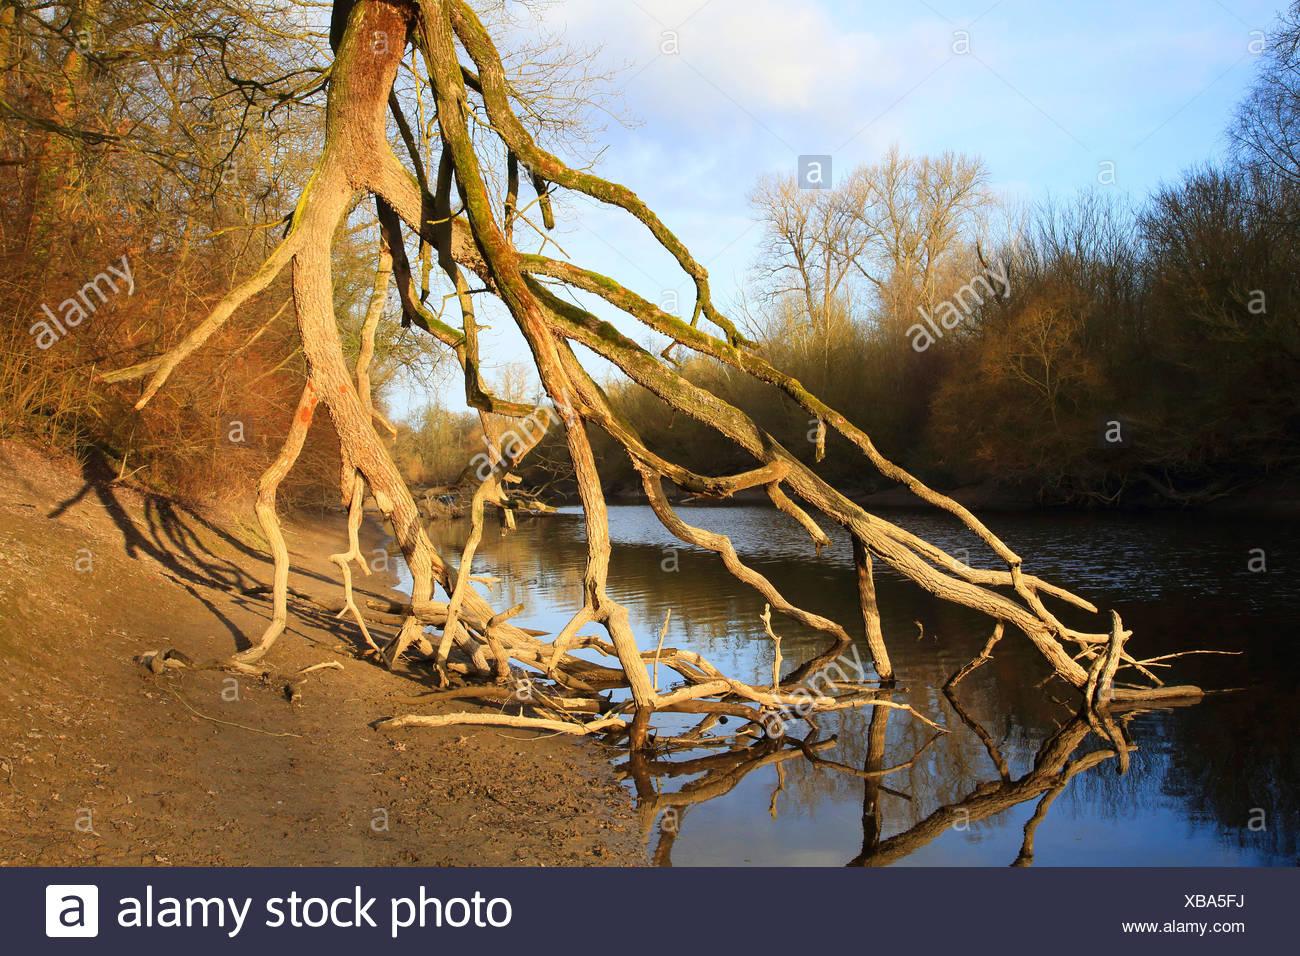 fallen tree in river flood plain in winter, Germany, Baden-Wuerttemberg - Stock Image